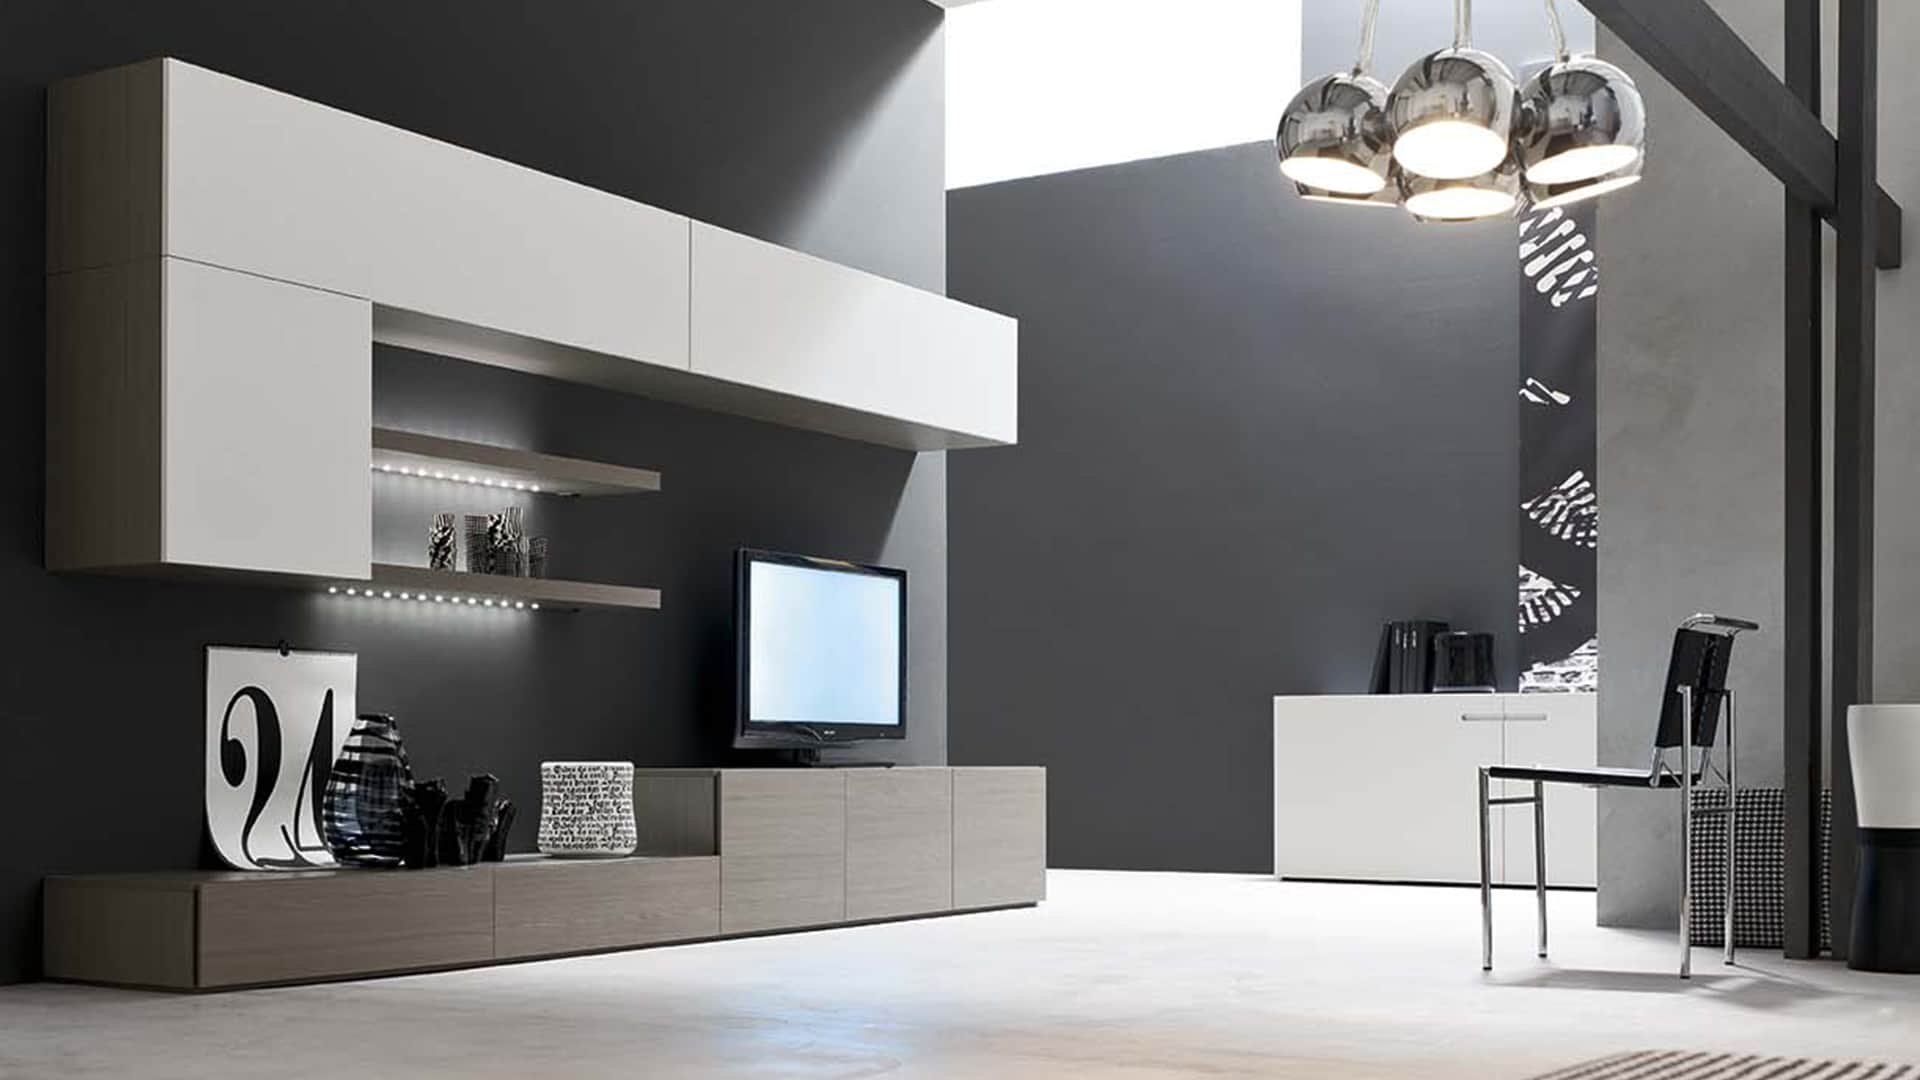 di mobili per soggiorno a Padova. Mobili da soggiorno economici